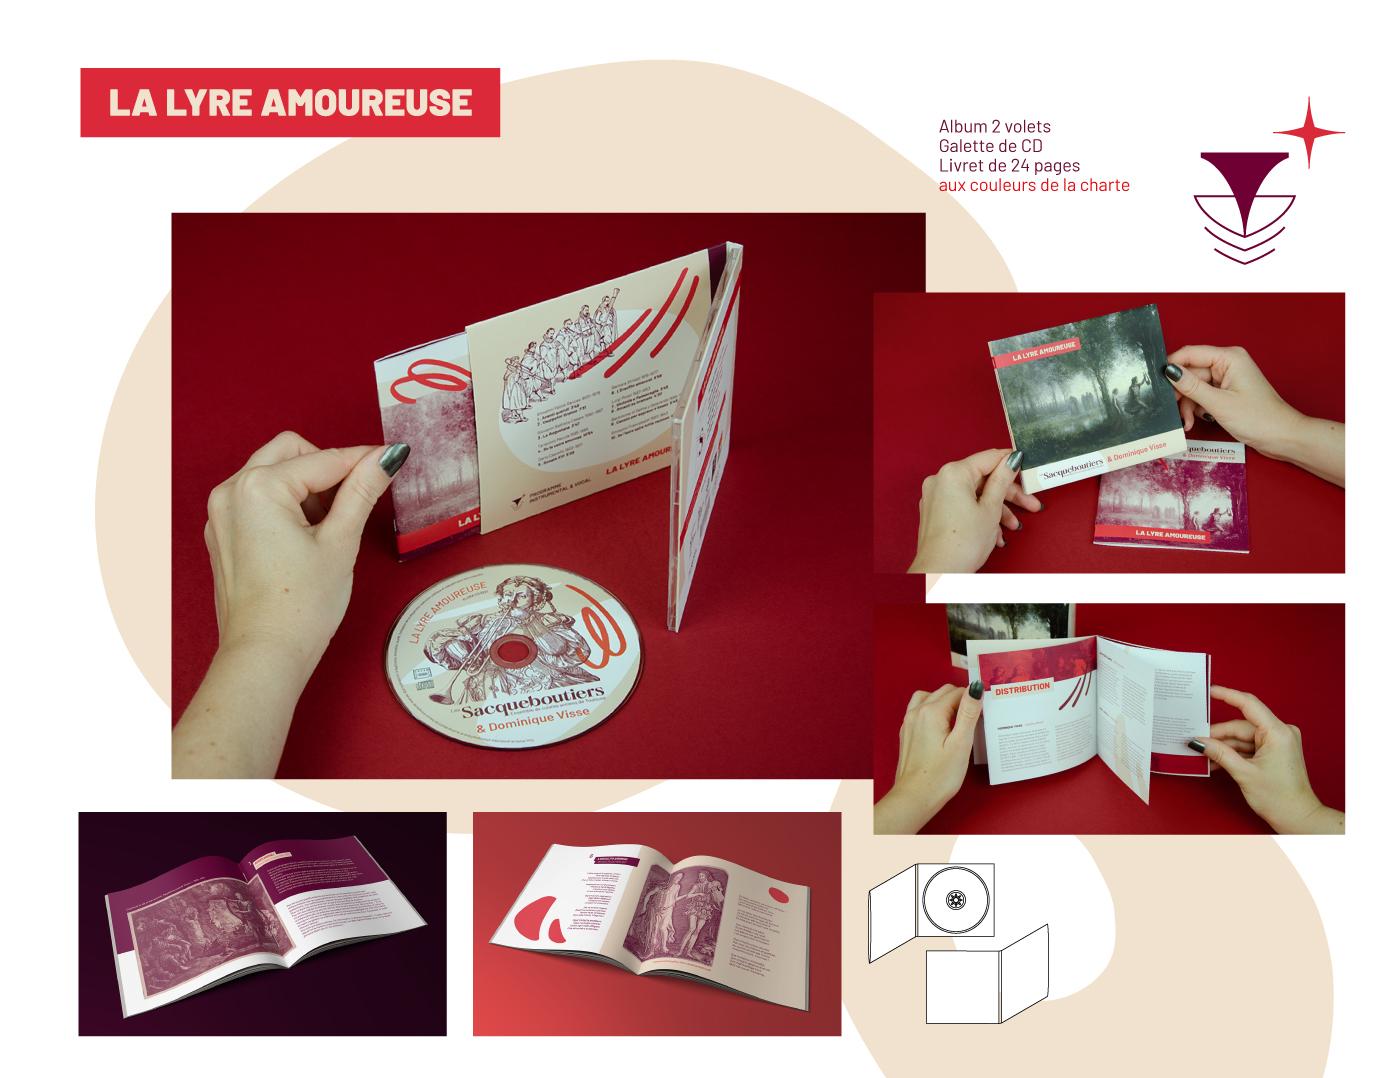 Photos et détails du CD, de la pochette et du livret réalisés par Superfruit pour le CD La Lyre Amoureuse des Sacqueboutiers